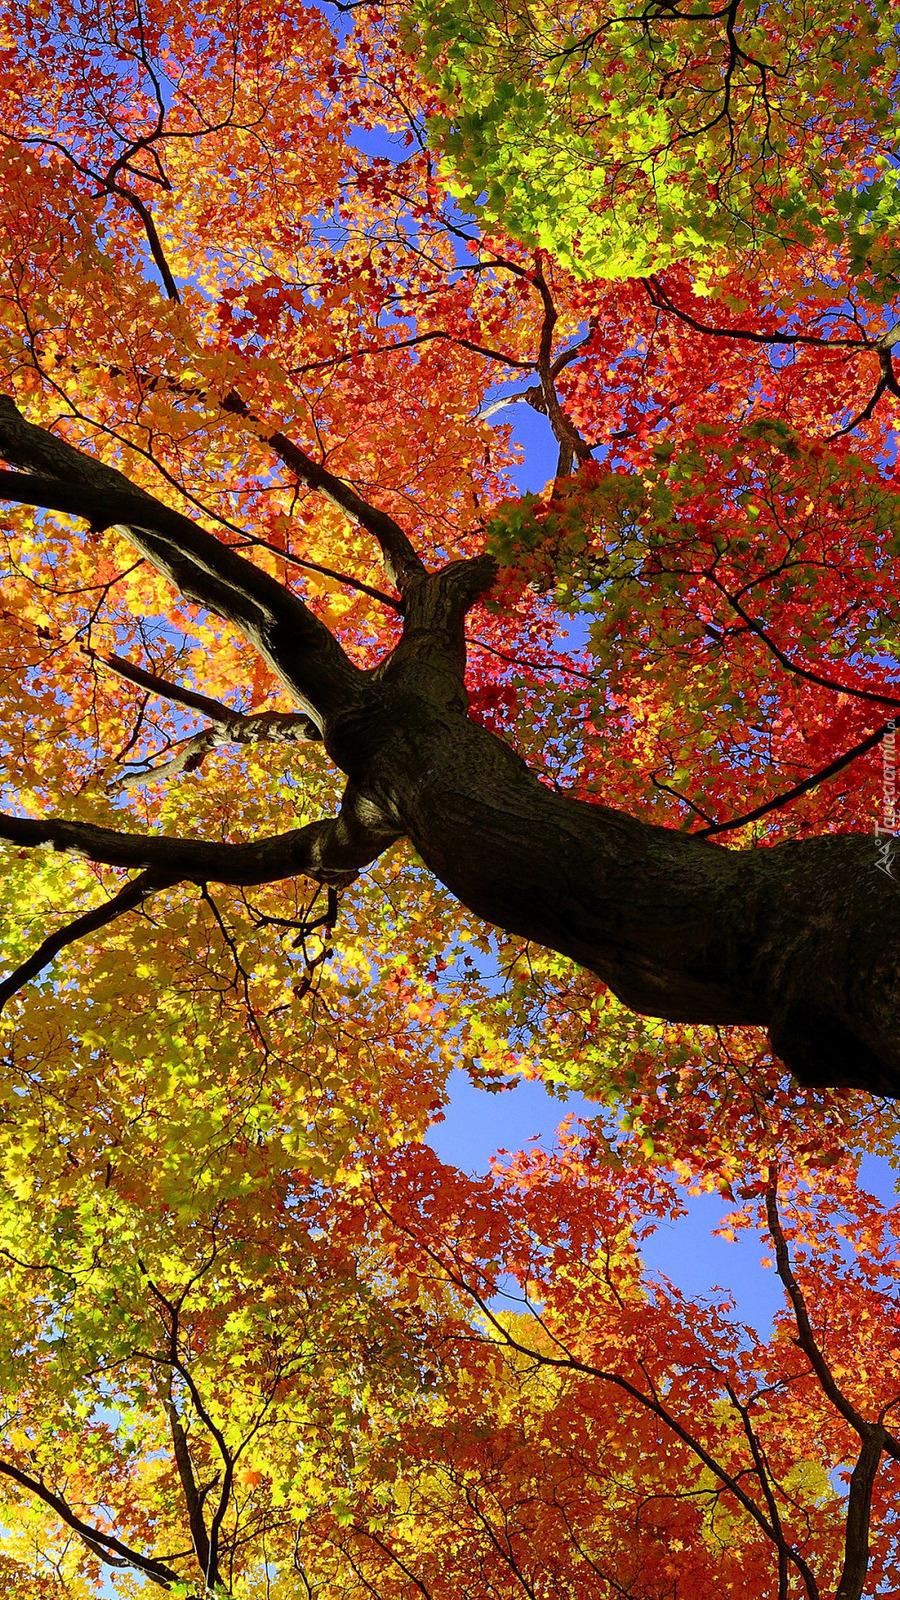 Klon z kolorowymi liśćmi